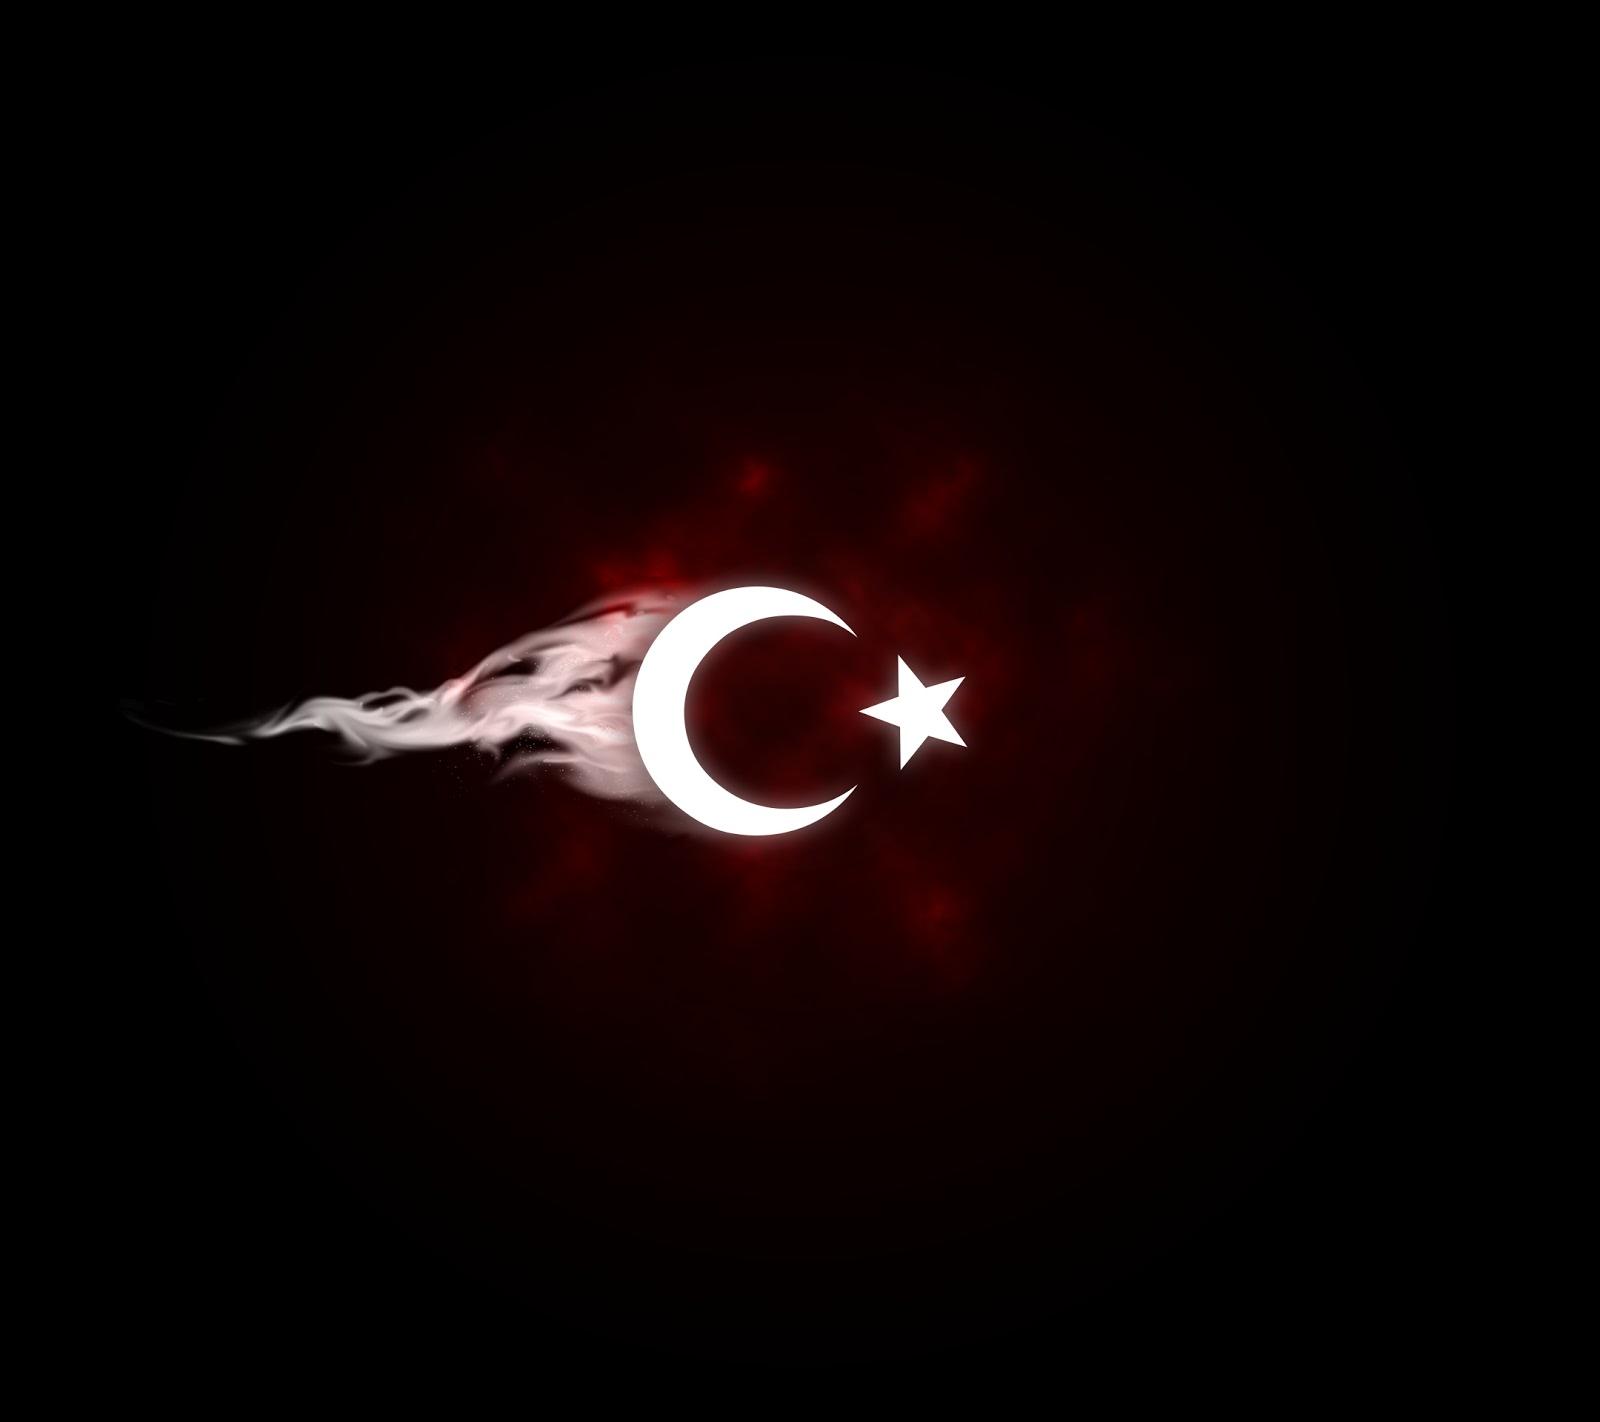 türk bayrağı tumblr siyah beyaz